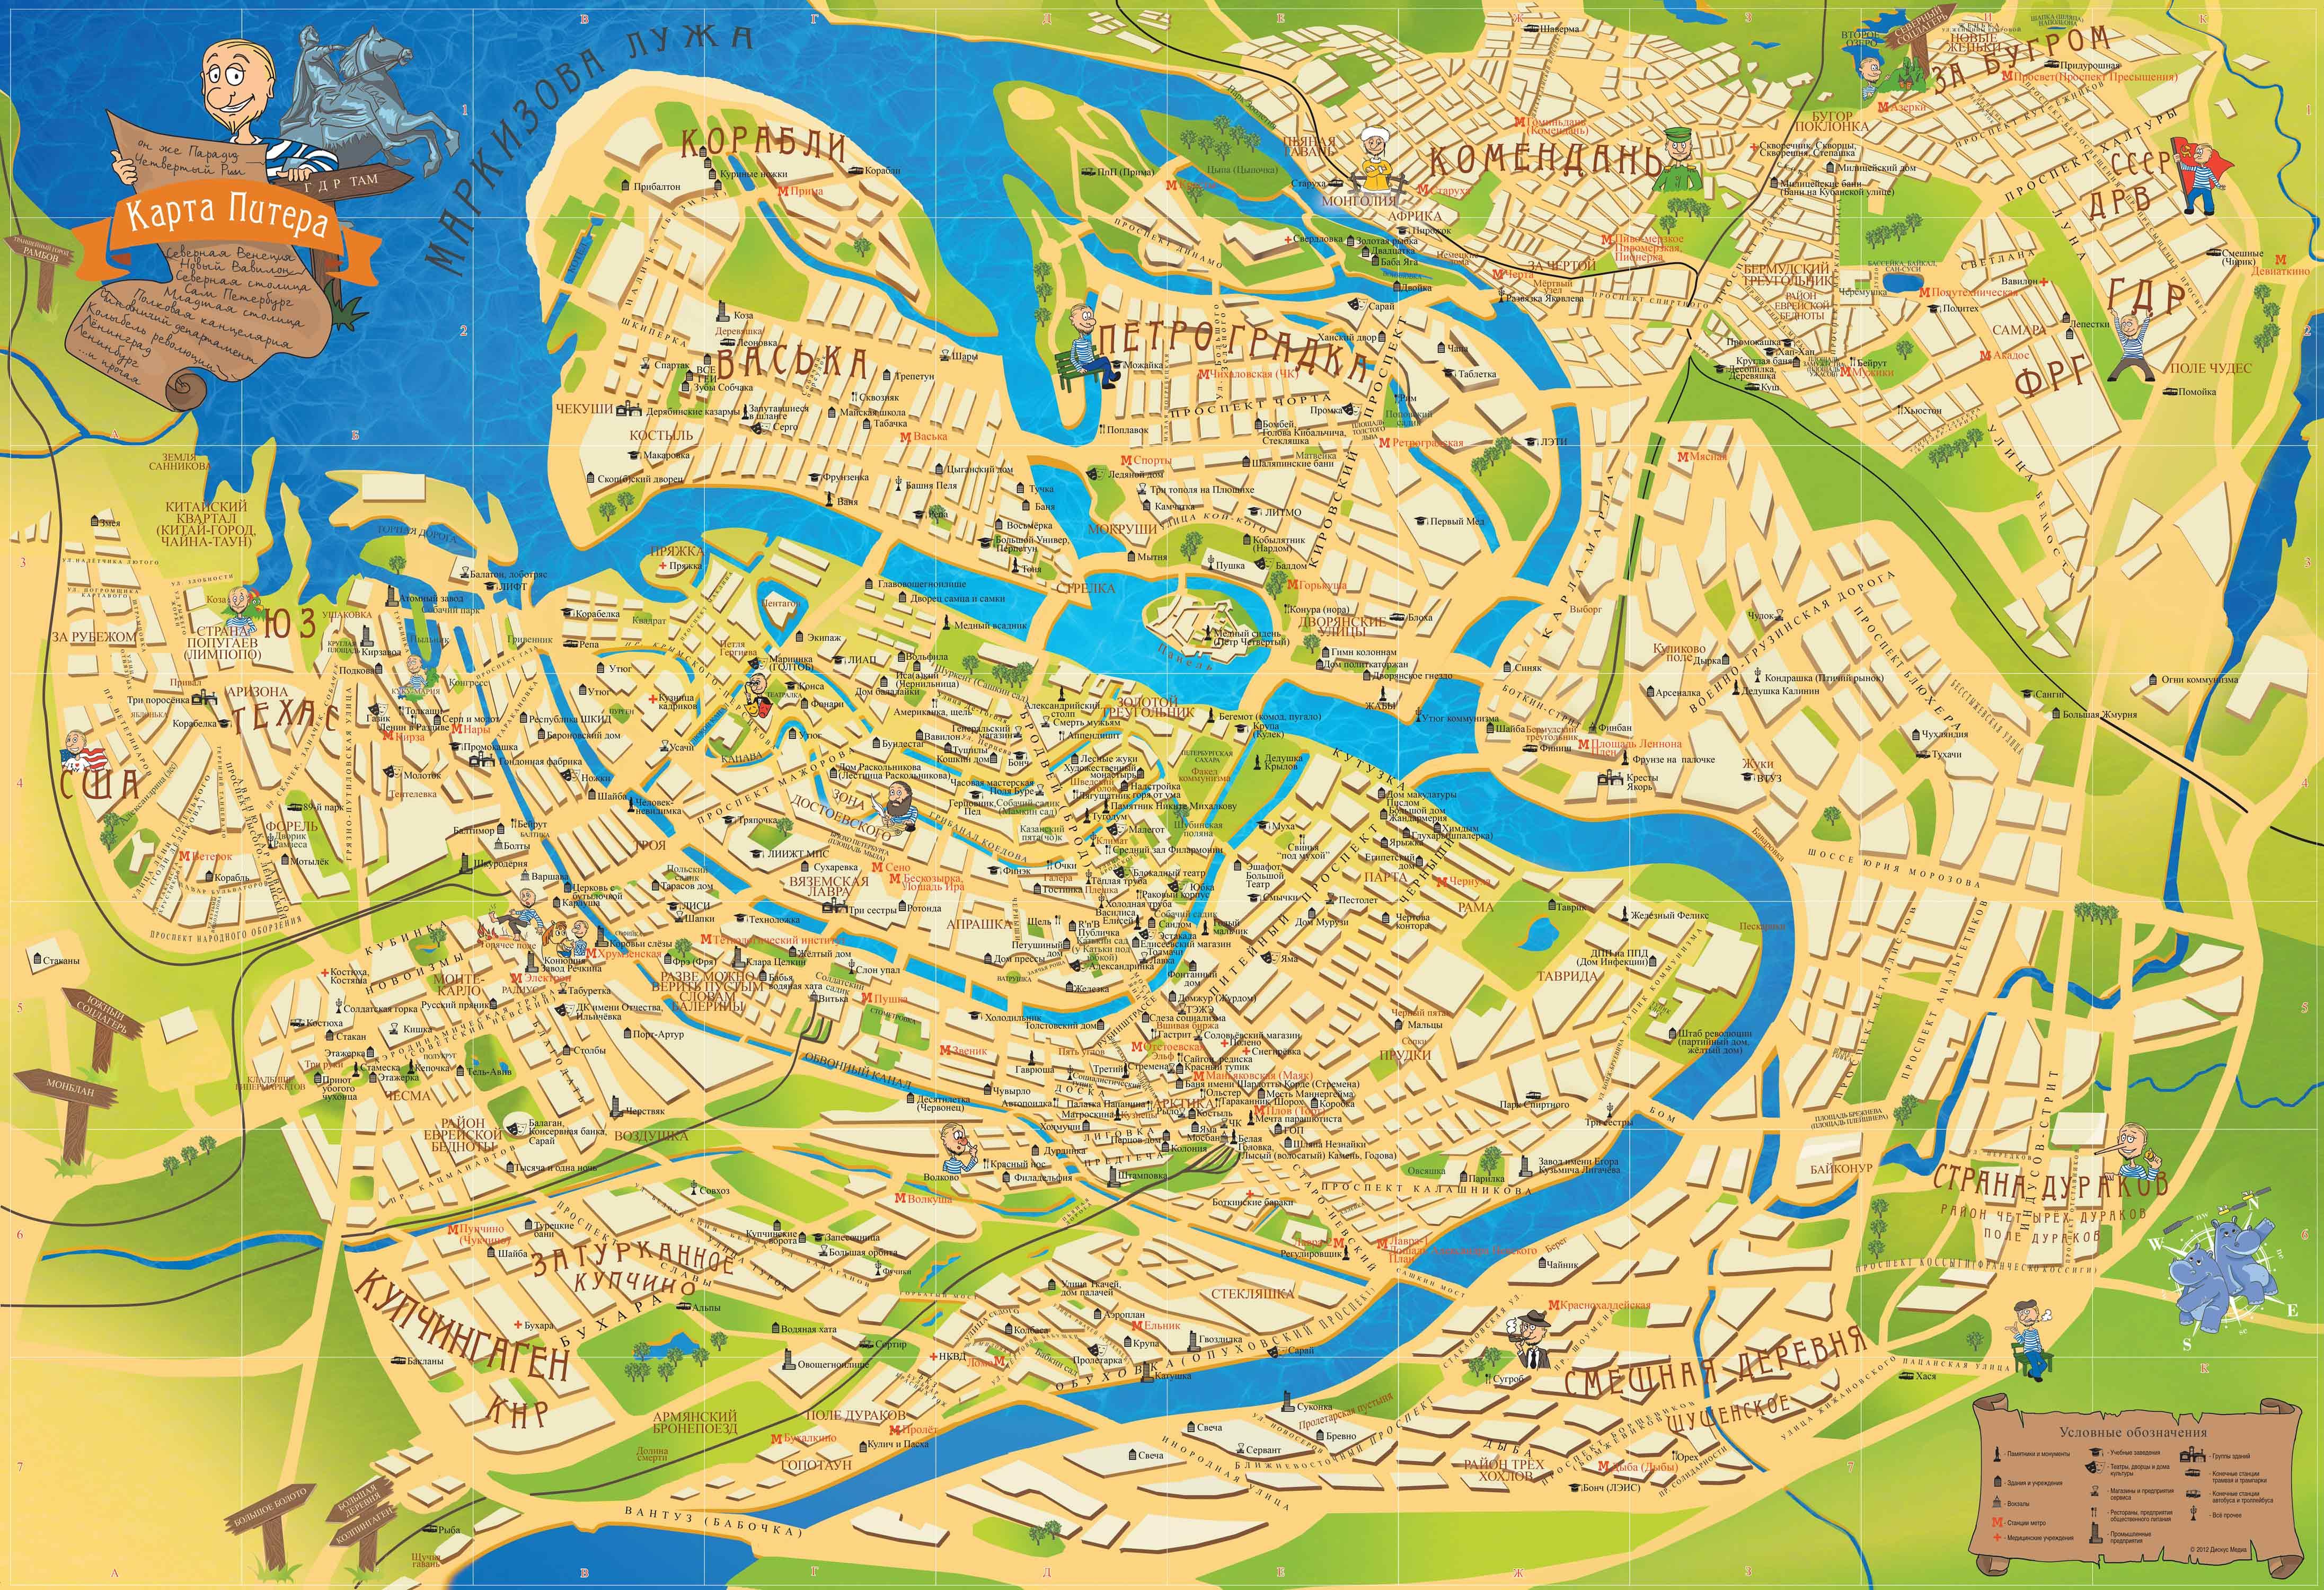 улицы города карта с фото заставляет тратить много